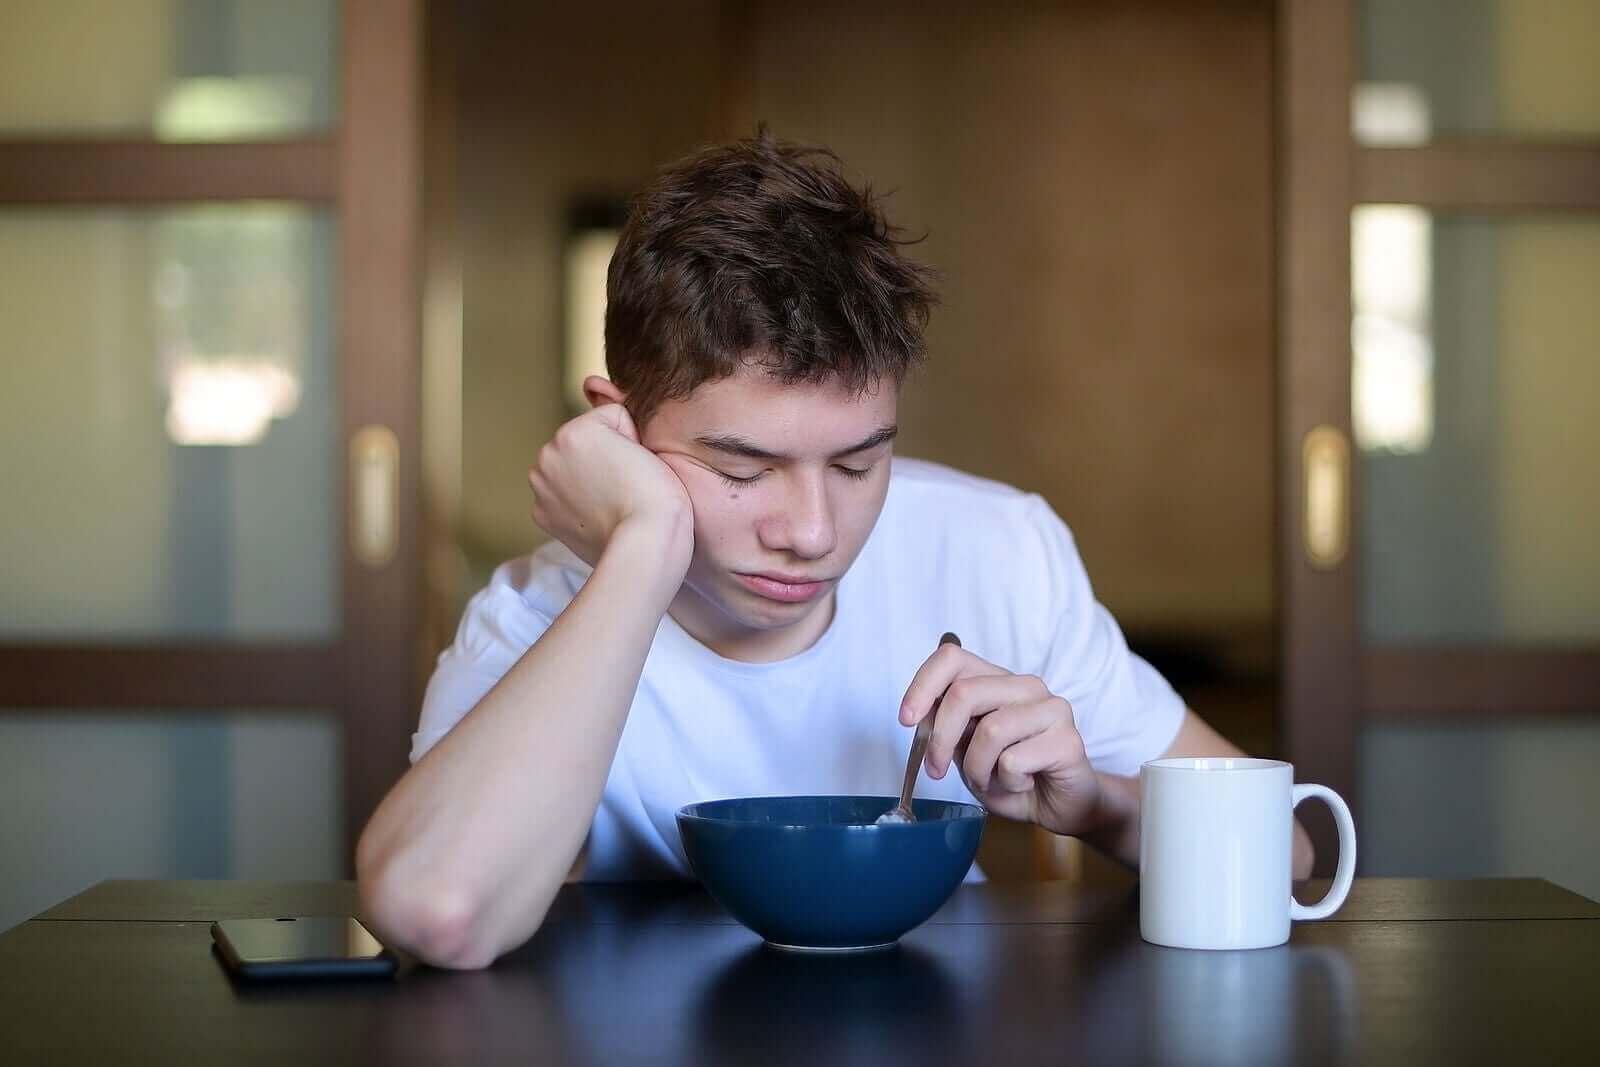 Krooninen väsymysoireyhtymä voi aiheuttaa nuorelle voimakasta, jatkuvaa ja jopa lamauttavaa väsymystä